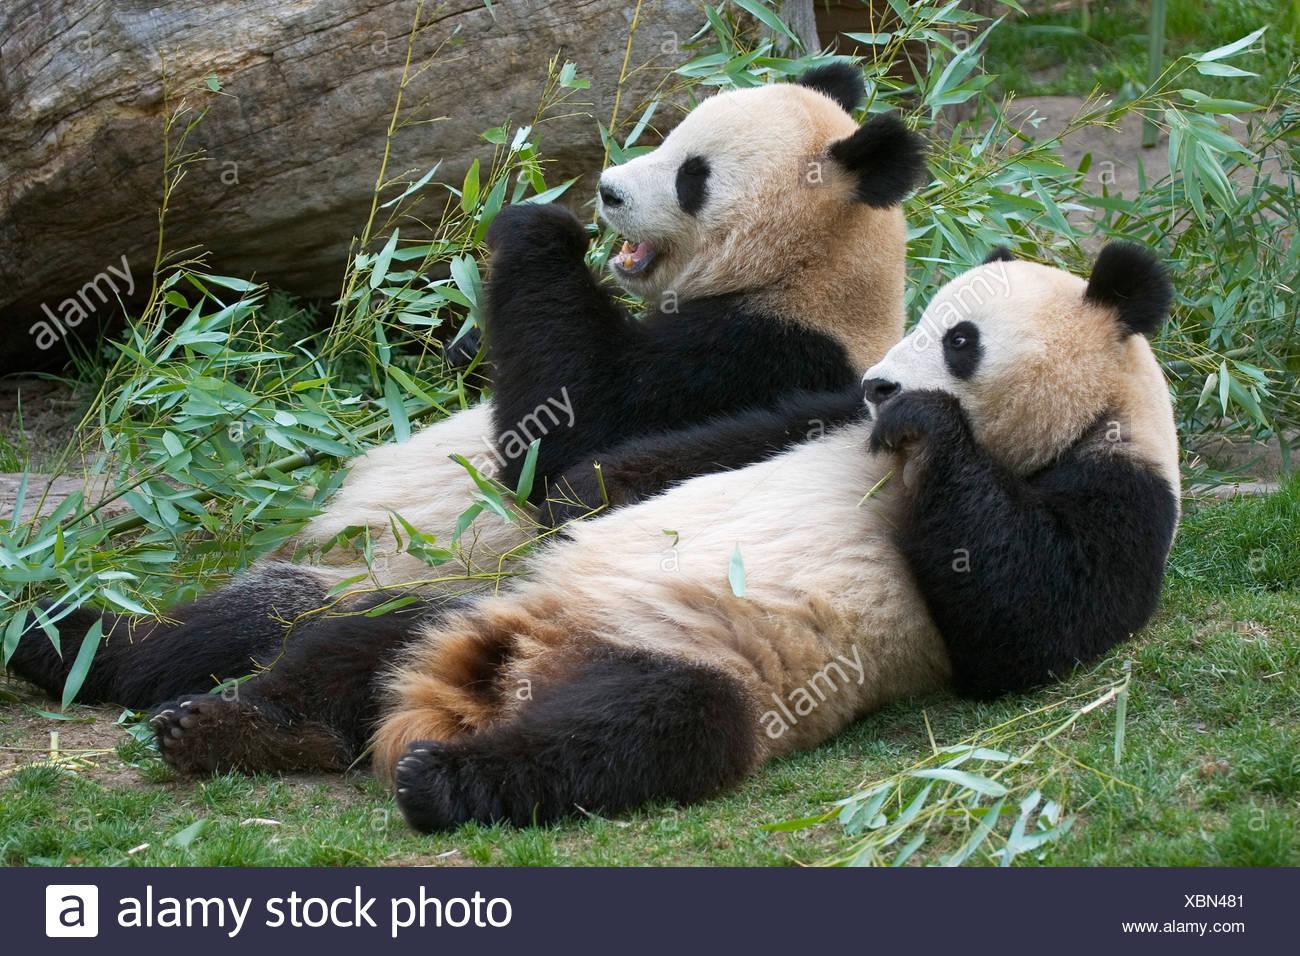 Oso Panda Gigante Ailuropoda Melanoleuca Comiendo Bambú